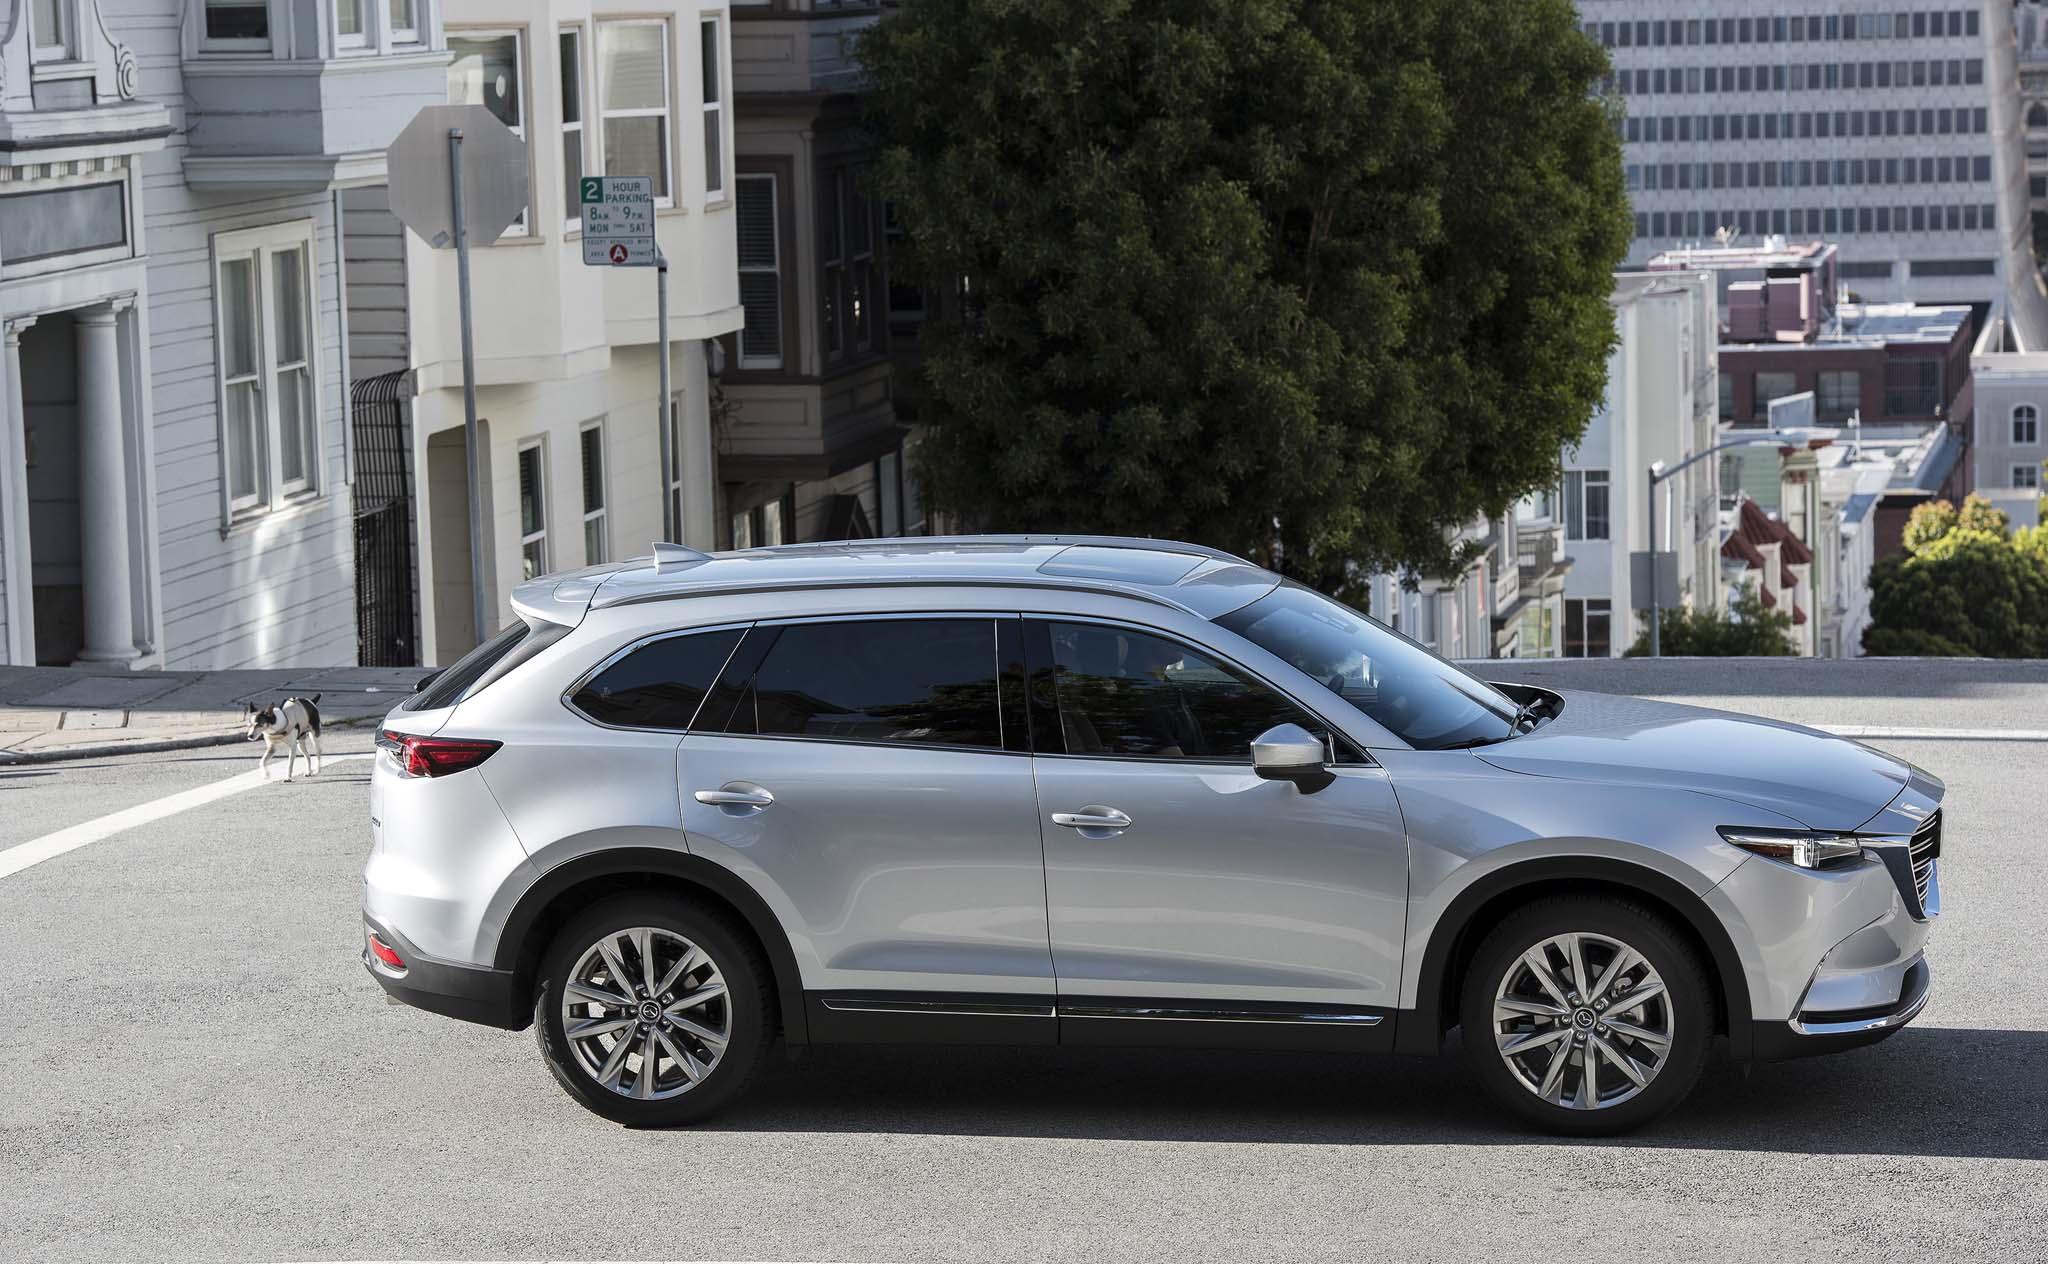 2016 Mazda CX 9 side profile 03